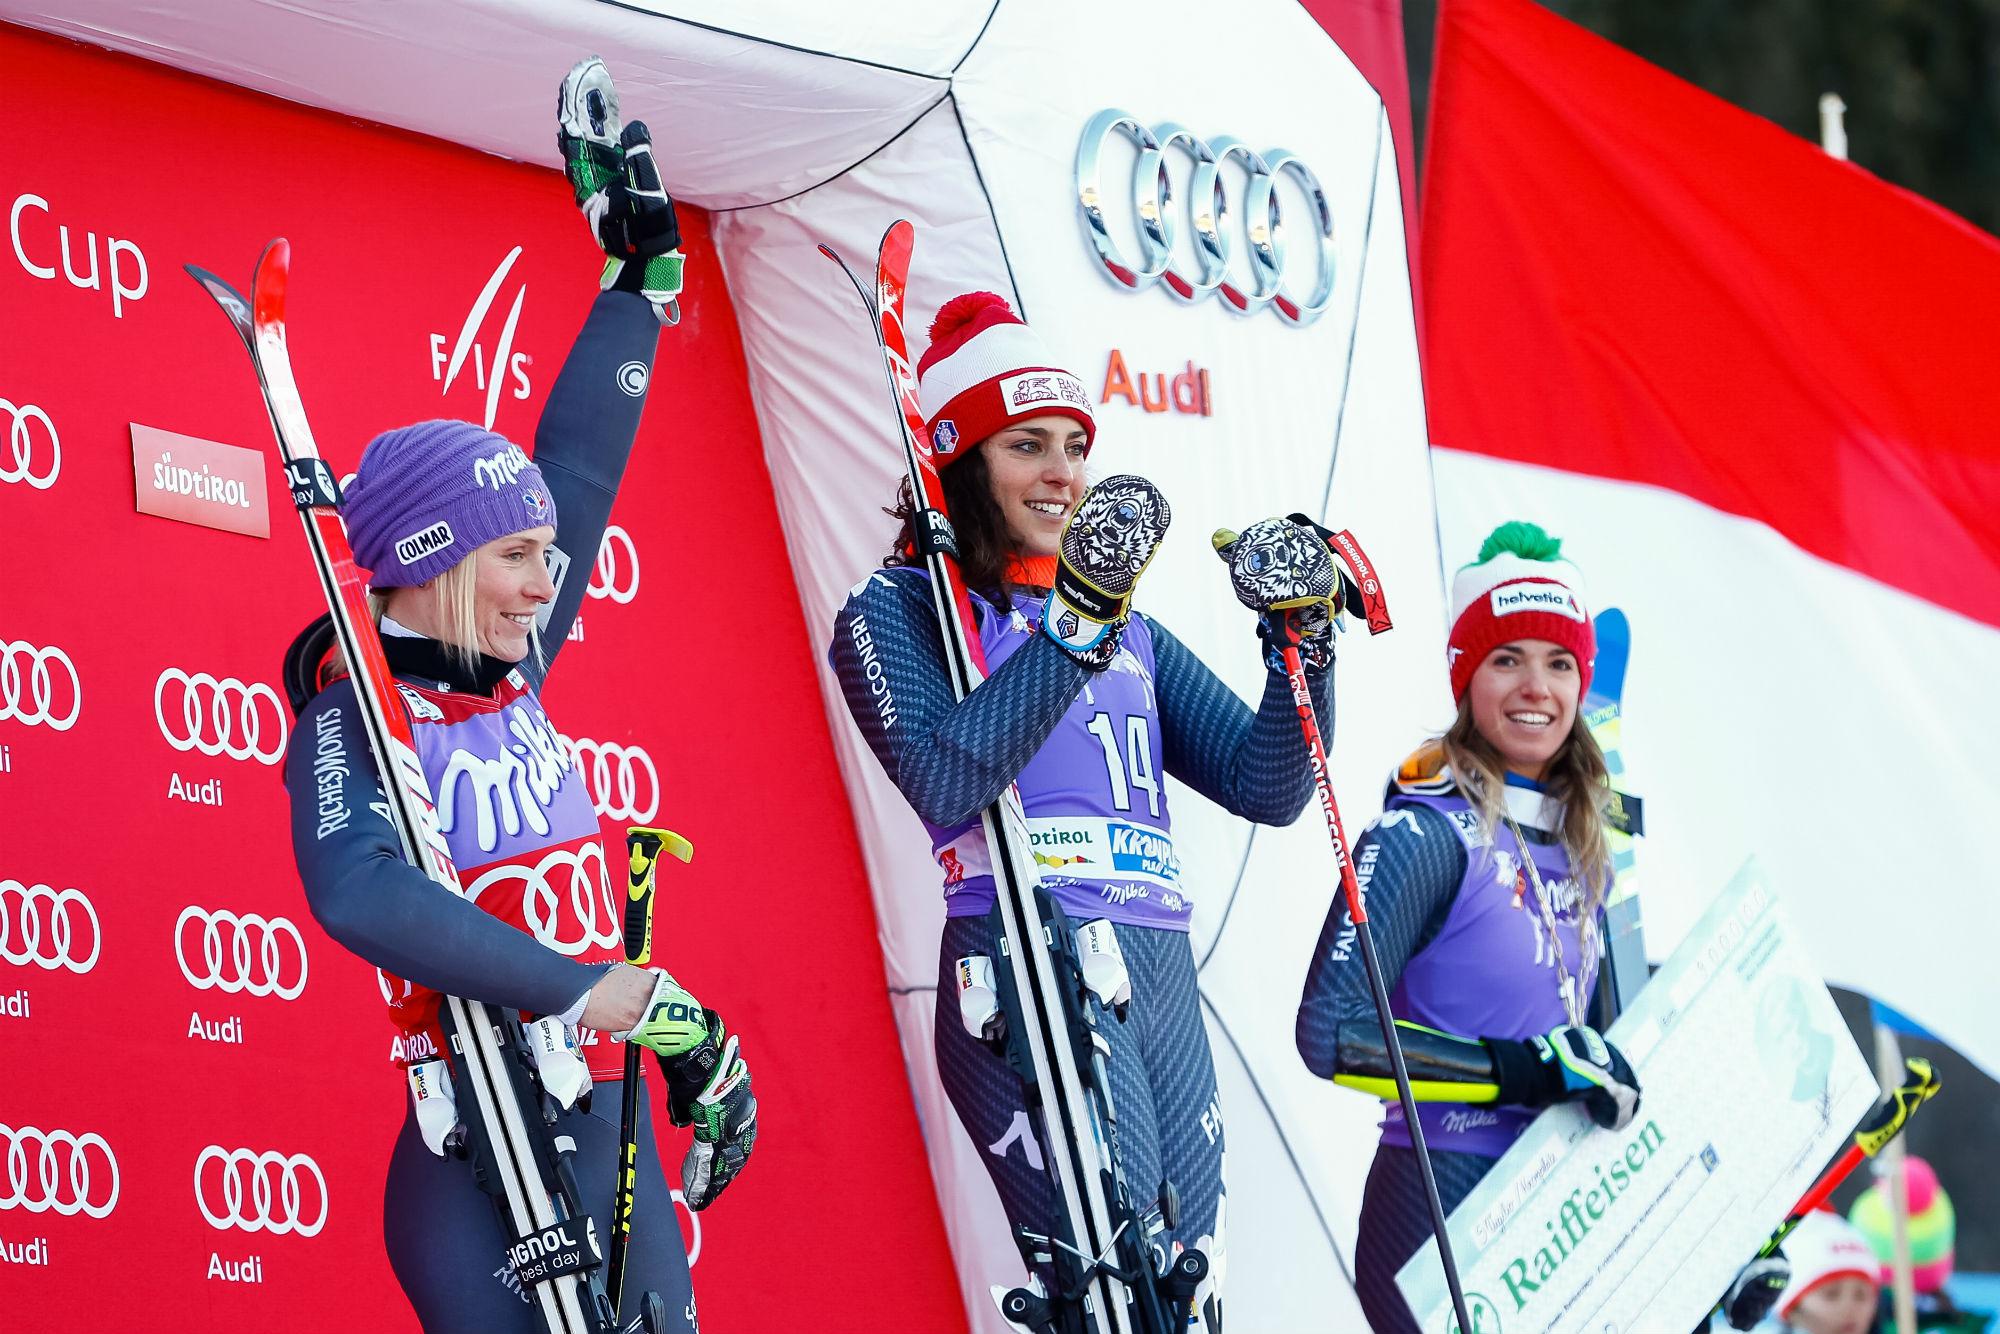 Worley, Brignone e Bassino sul podio a Kronplatz in gigante (@Zoom agence)